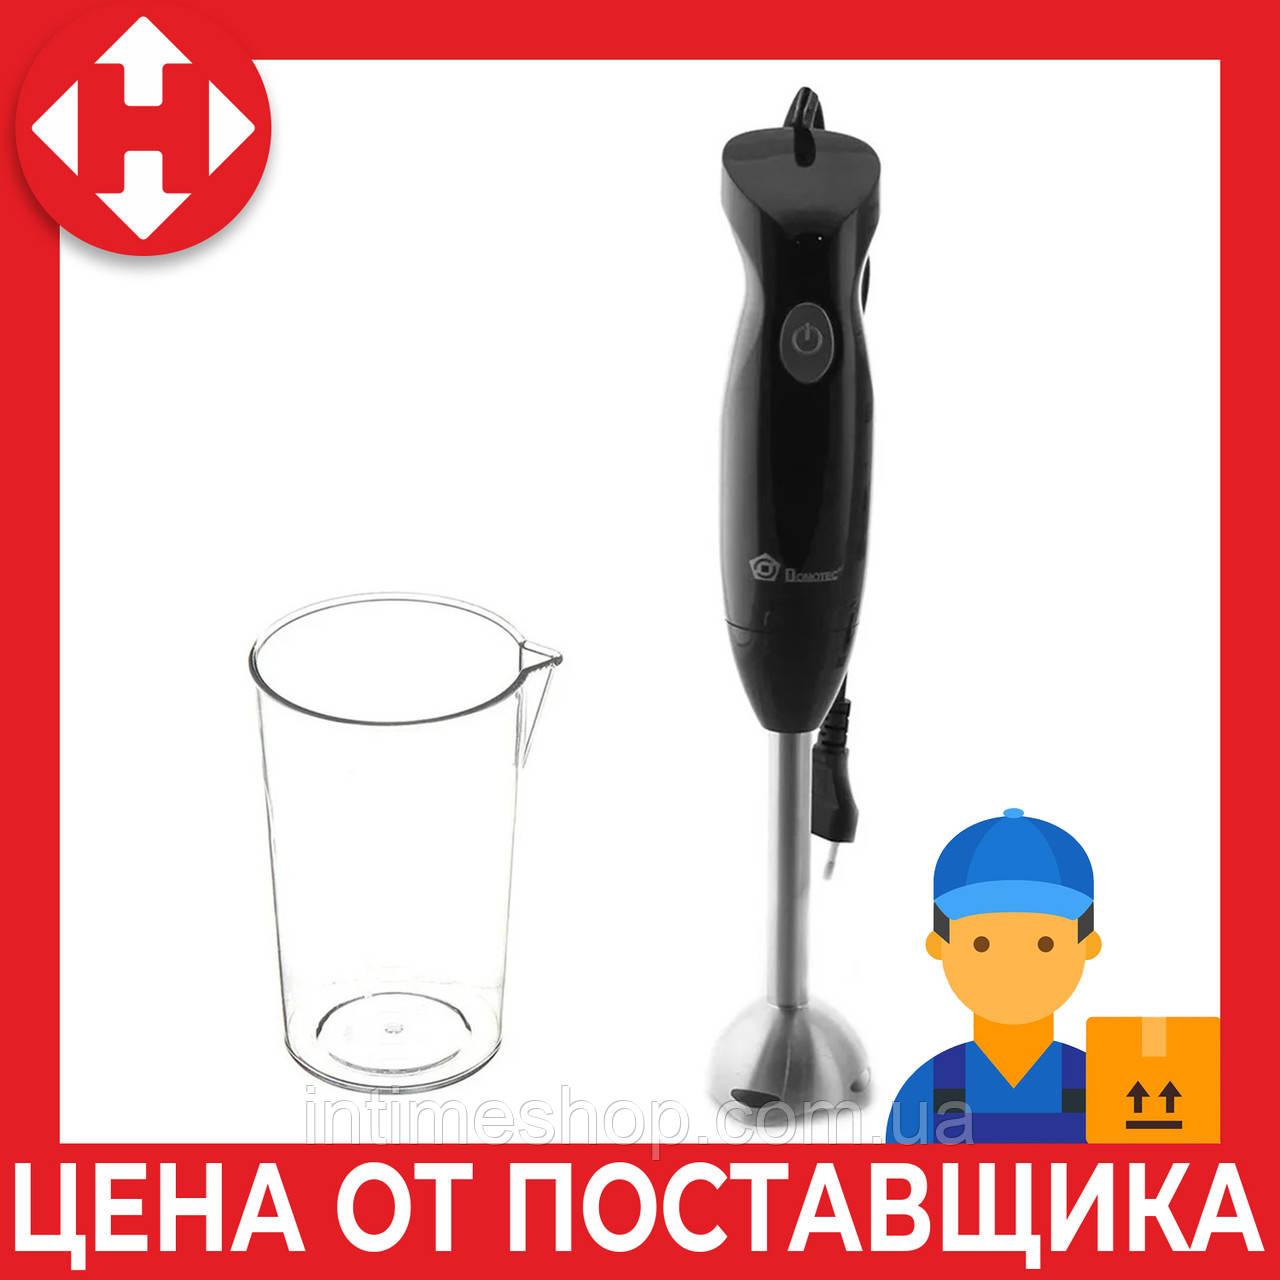 Ручной блендер с чашей погружной Домотек MS-5102 съемная нога (металл) Домотек с доставкой по Украине